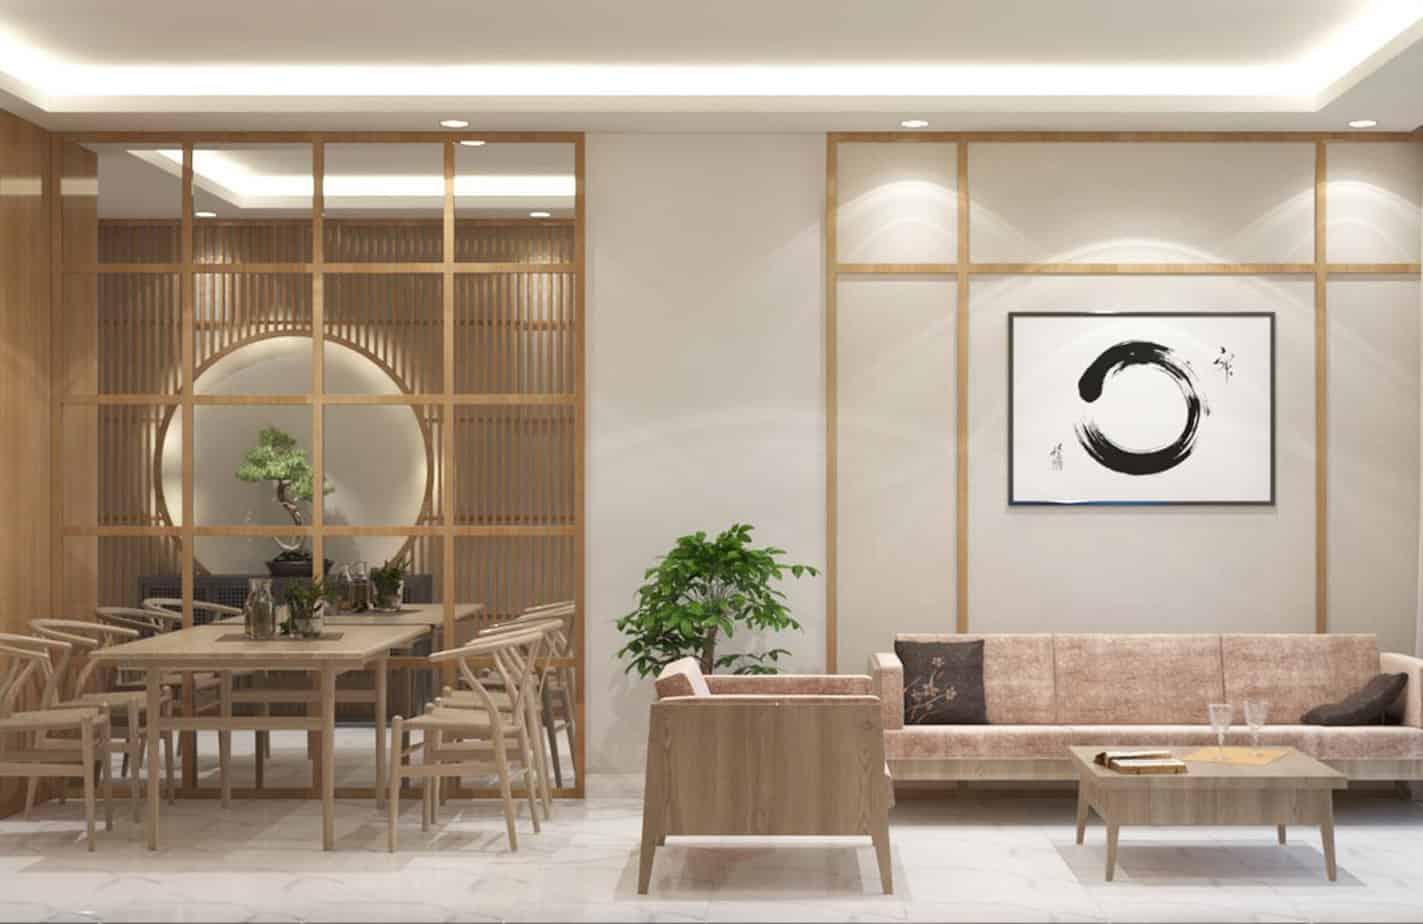 Top 10 Lưu Ý Thiết Kế Nội Thất Saigon South Residences Quận 7 -  - Mẫu thiết kế nội thất đẹp | thiết kế nội thất saigon south residences 17